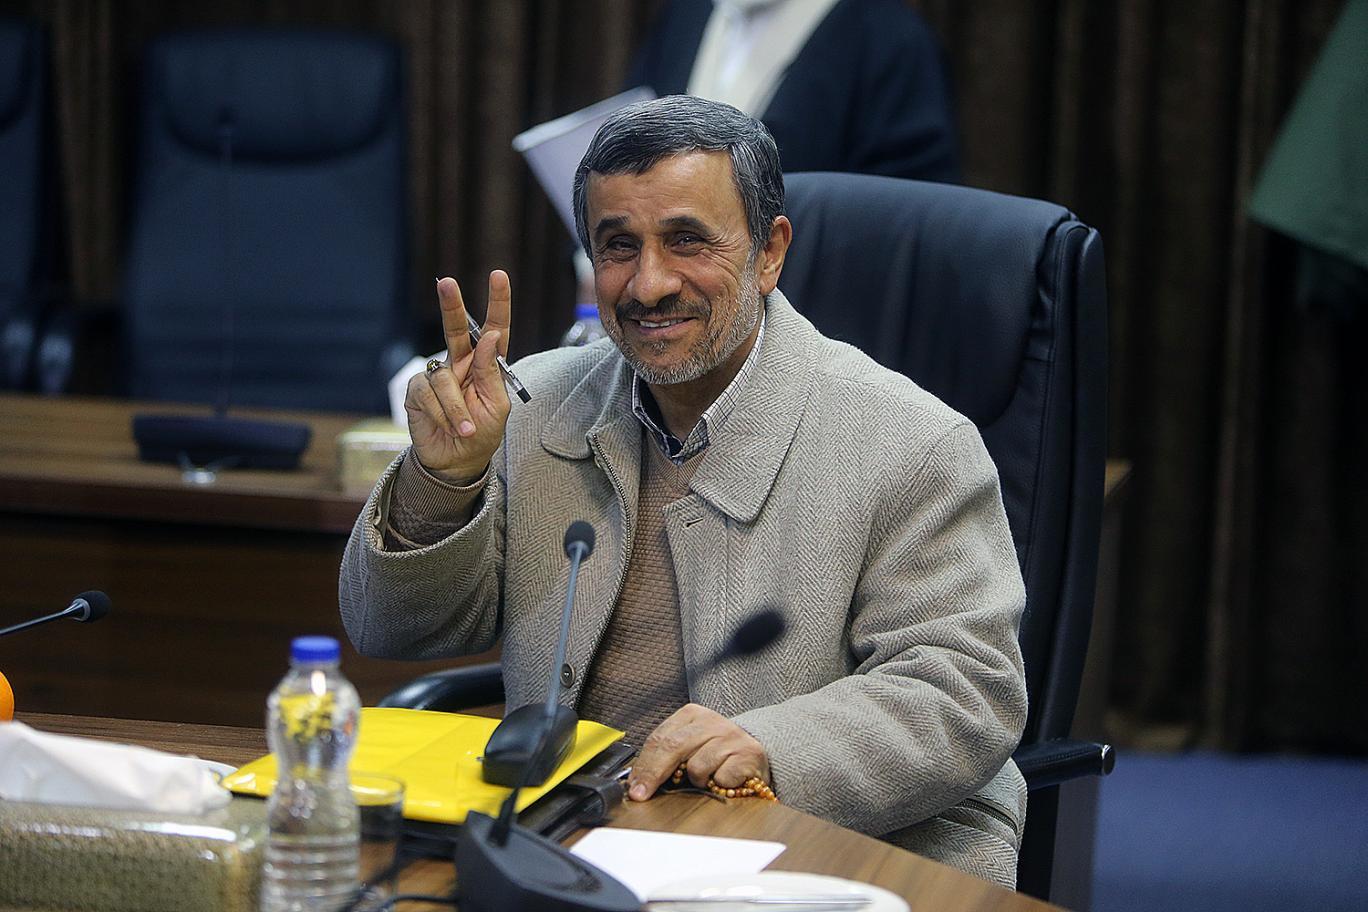 """احمدینژاد: فنر مردم به زودی در خواهد رفت/ از کسی نمیترسم و حرف میزنم/""""مملكت را به فلاكت كشاندهاند و مردم دارند در فقر دست و پا میزنند"""""""